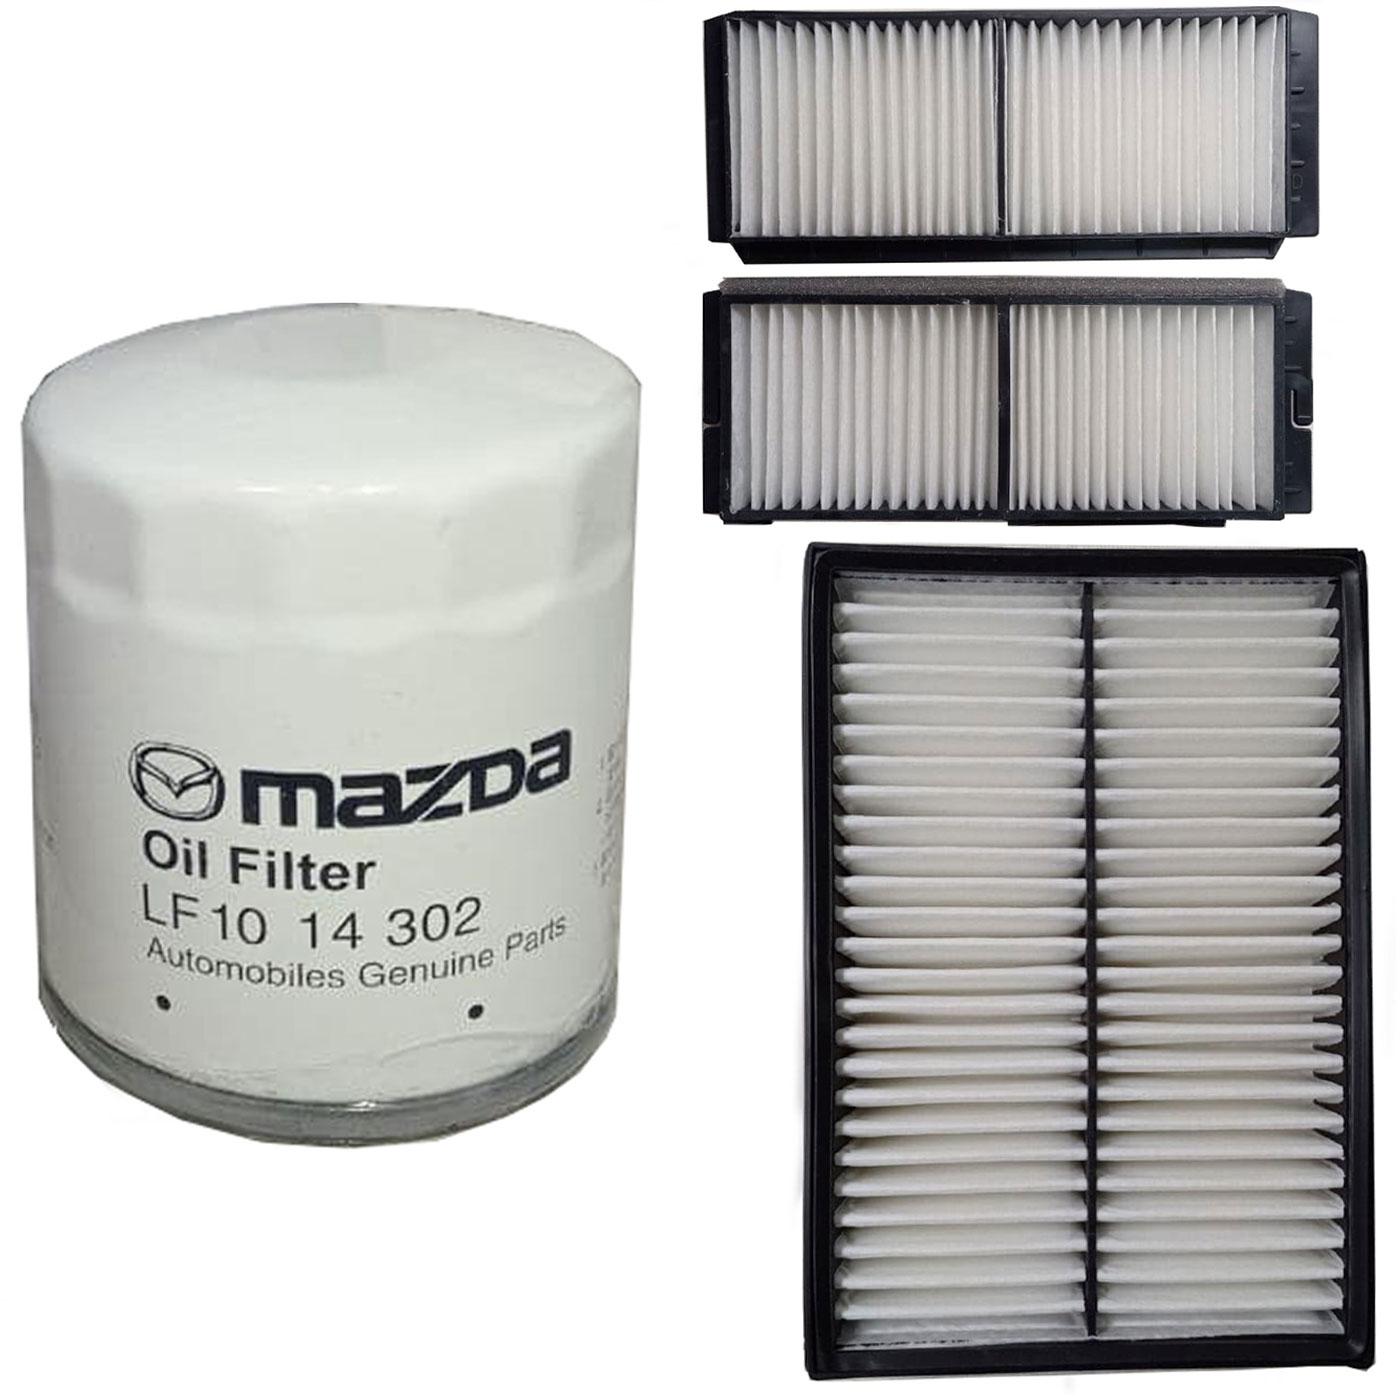 فیلتر روغن خودرو مزدا مدل LF1014-302 مناسب برای مزدا 3 به همراه فیلتر هوا و فیلتر کابین